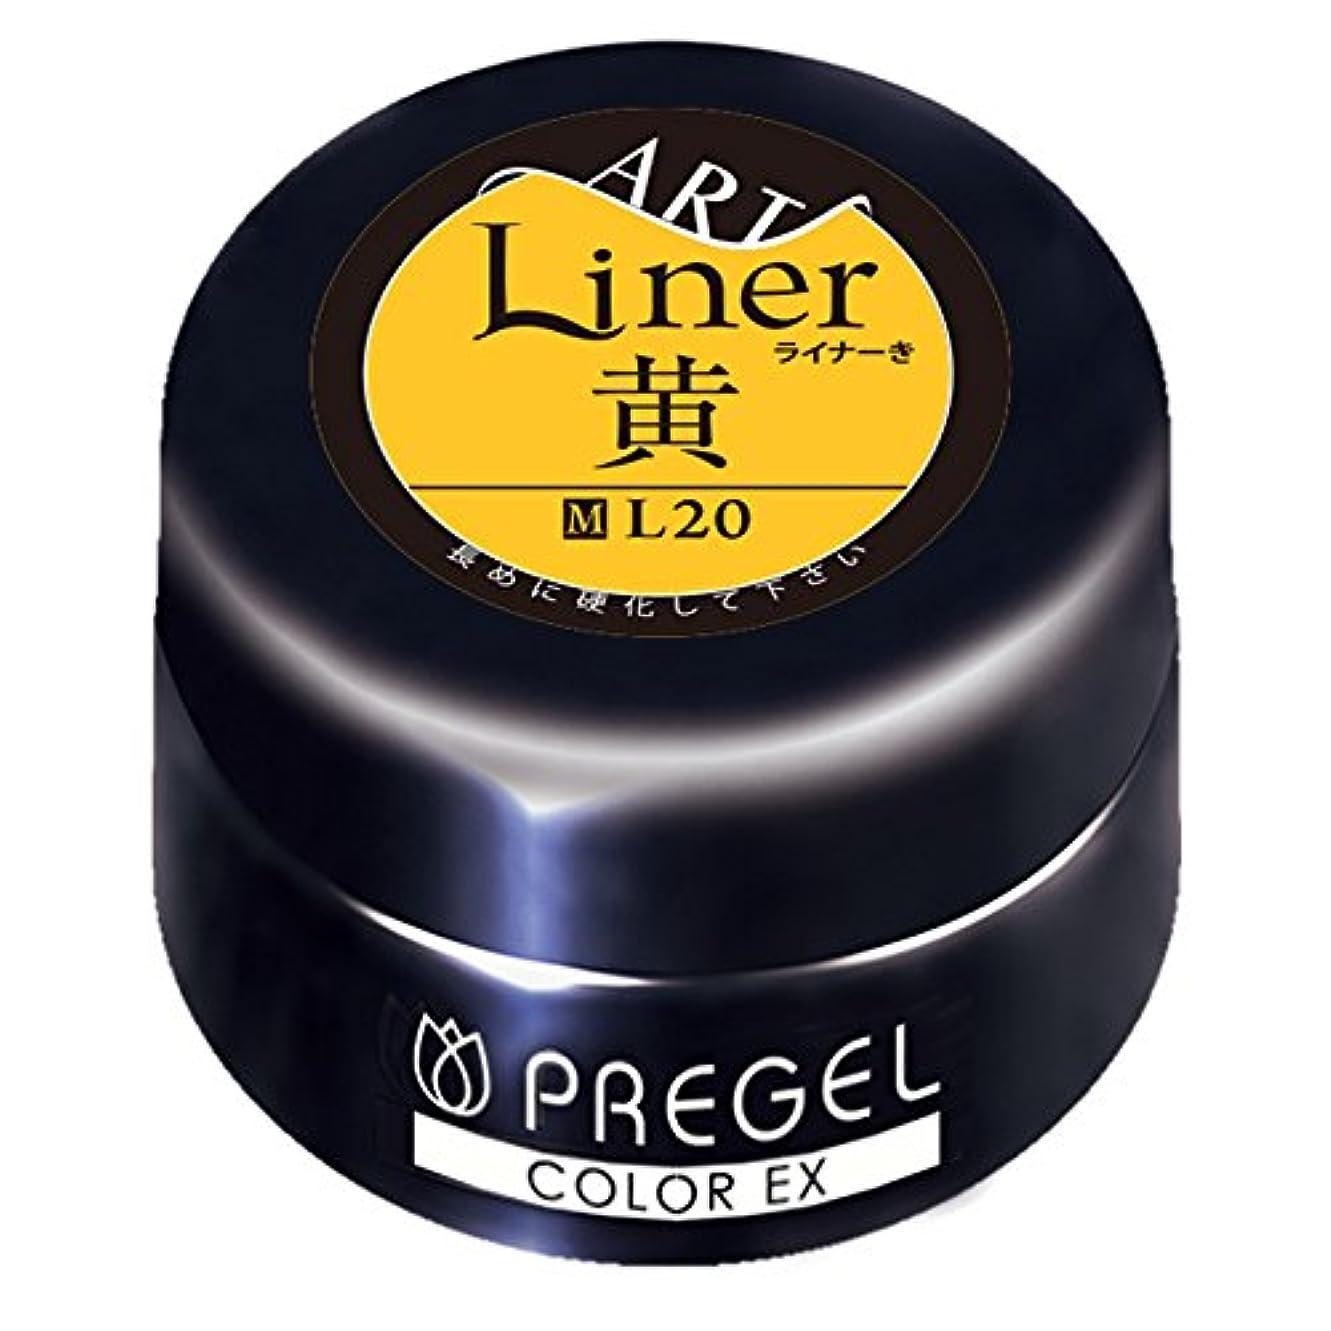 書道飢えた方法論PRE GEL カラーEX ライナー黄 3g PG-CEL20 UV/LED対応